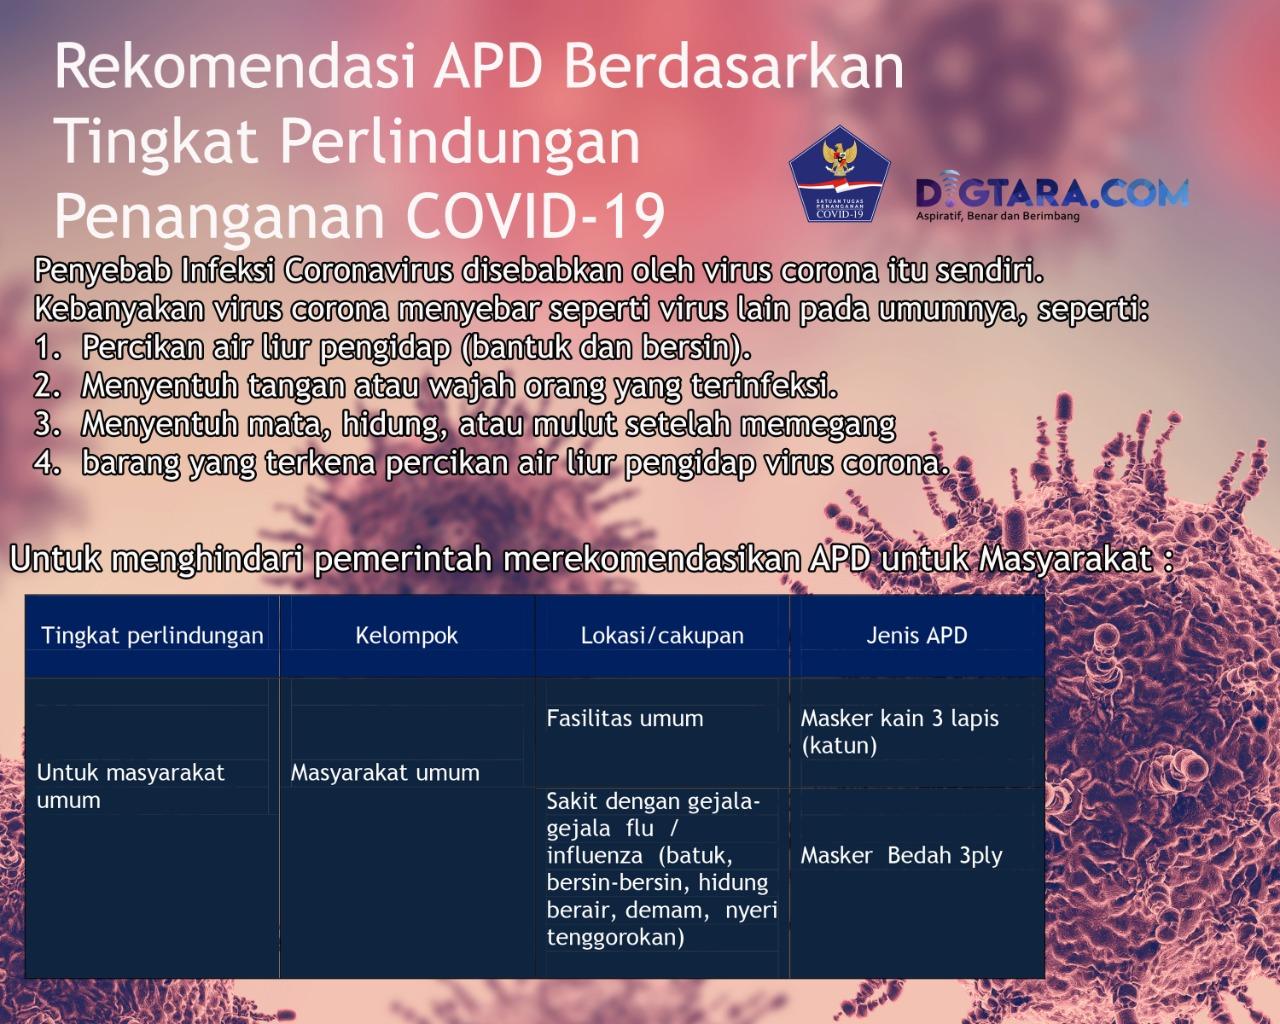 Infografis: Rekomendasi APD Berdasarkan Tingkat Perlindungan Penanganan Covid-19